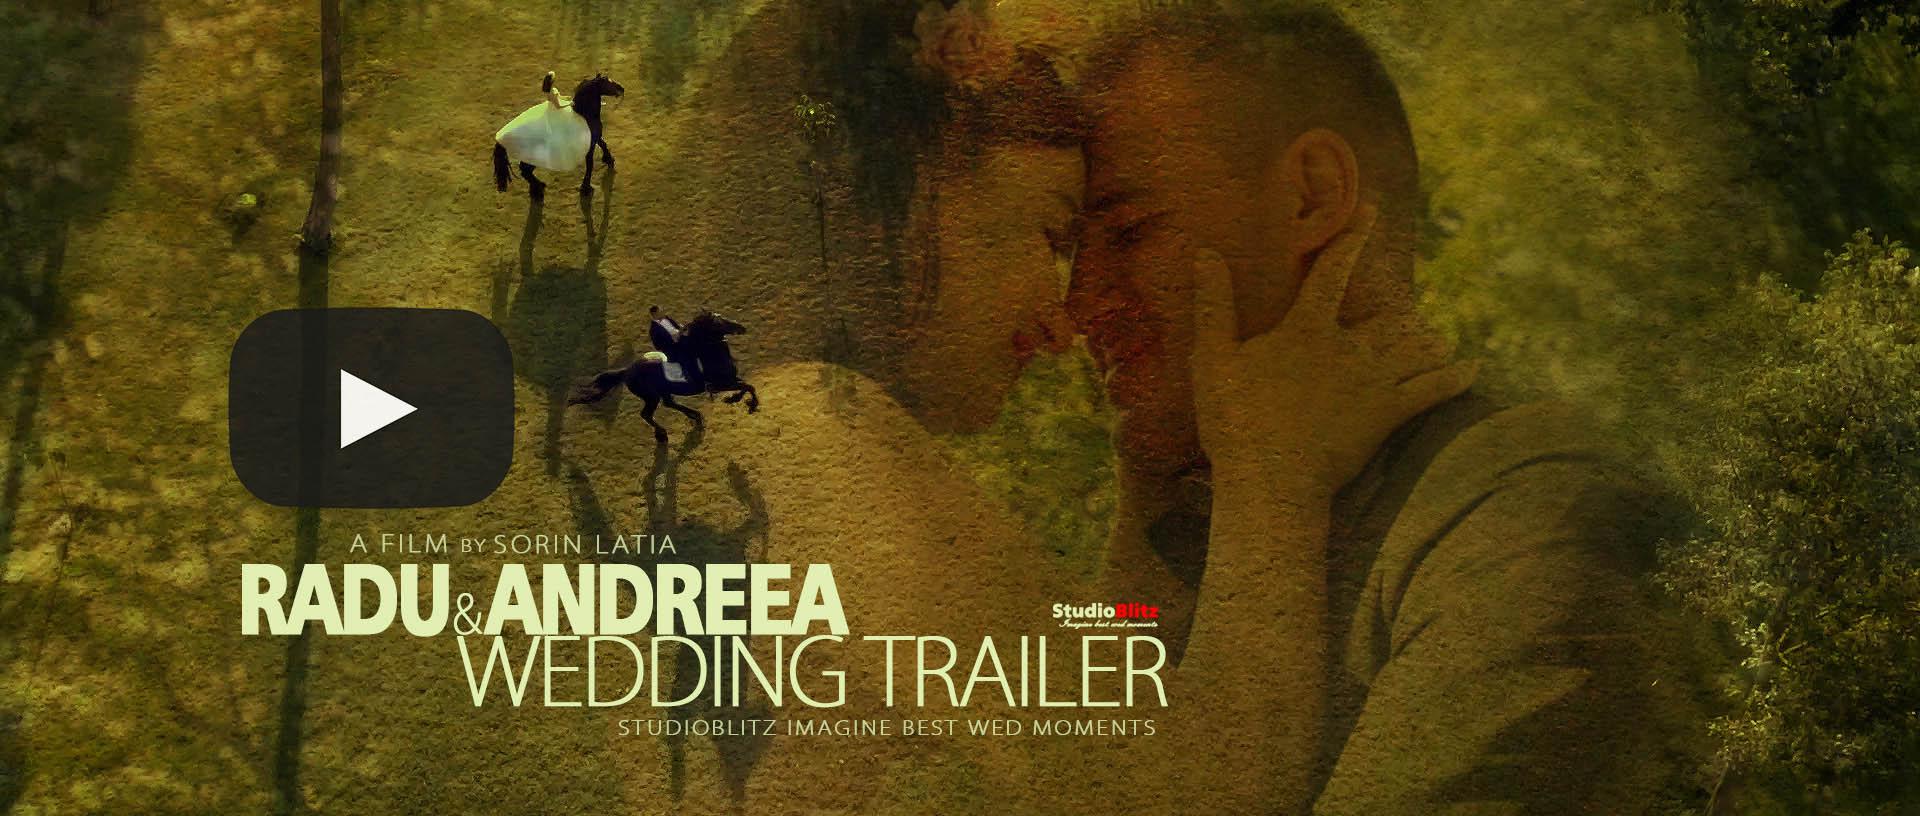 filmari-nunti-radu-si-andreea